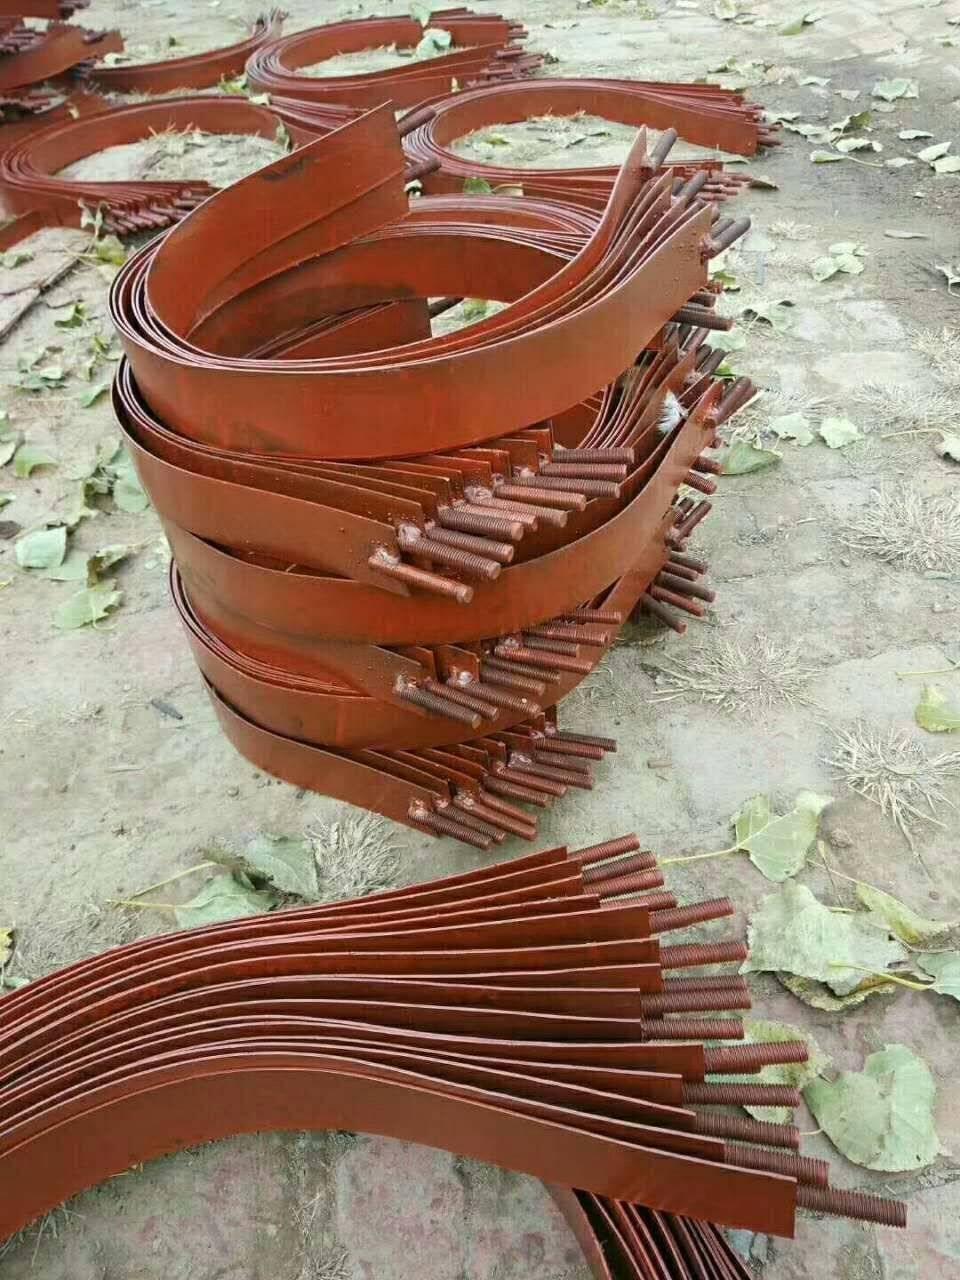 首页 河北方圆空调木托制造厂 新闻资讯 空调木托应用分类 空调木托